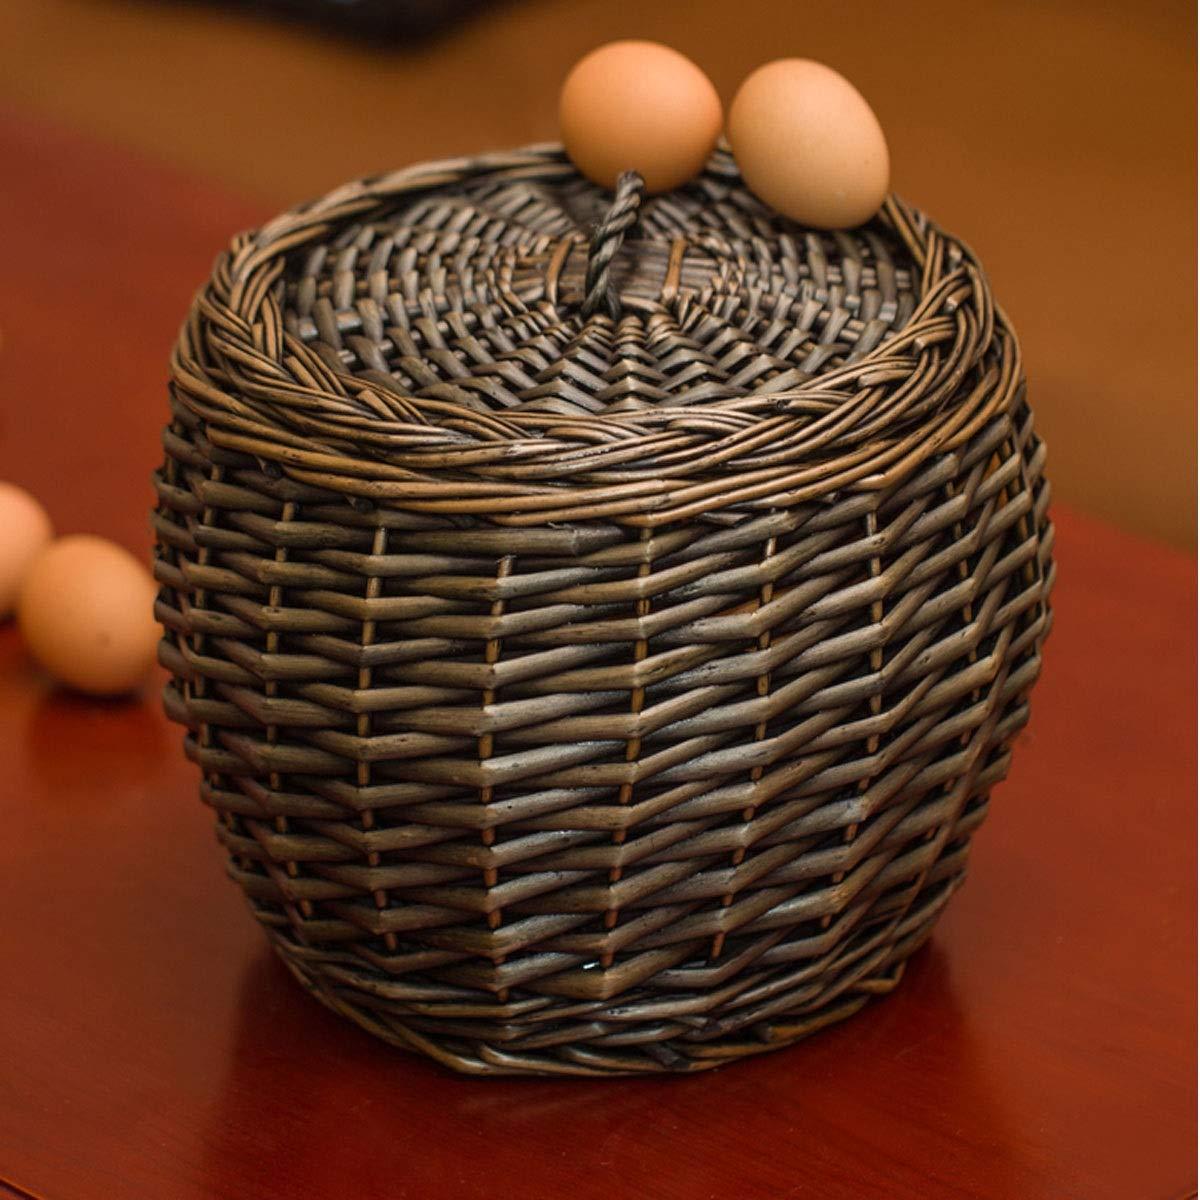 Dish Basket Storage Basket Products 4 Wicker Storage Basket Kitchen Storage Basket Color : Black Woven Frame Shengshihuizhong Rattan Egg Basket